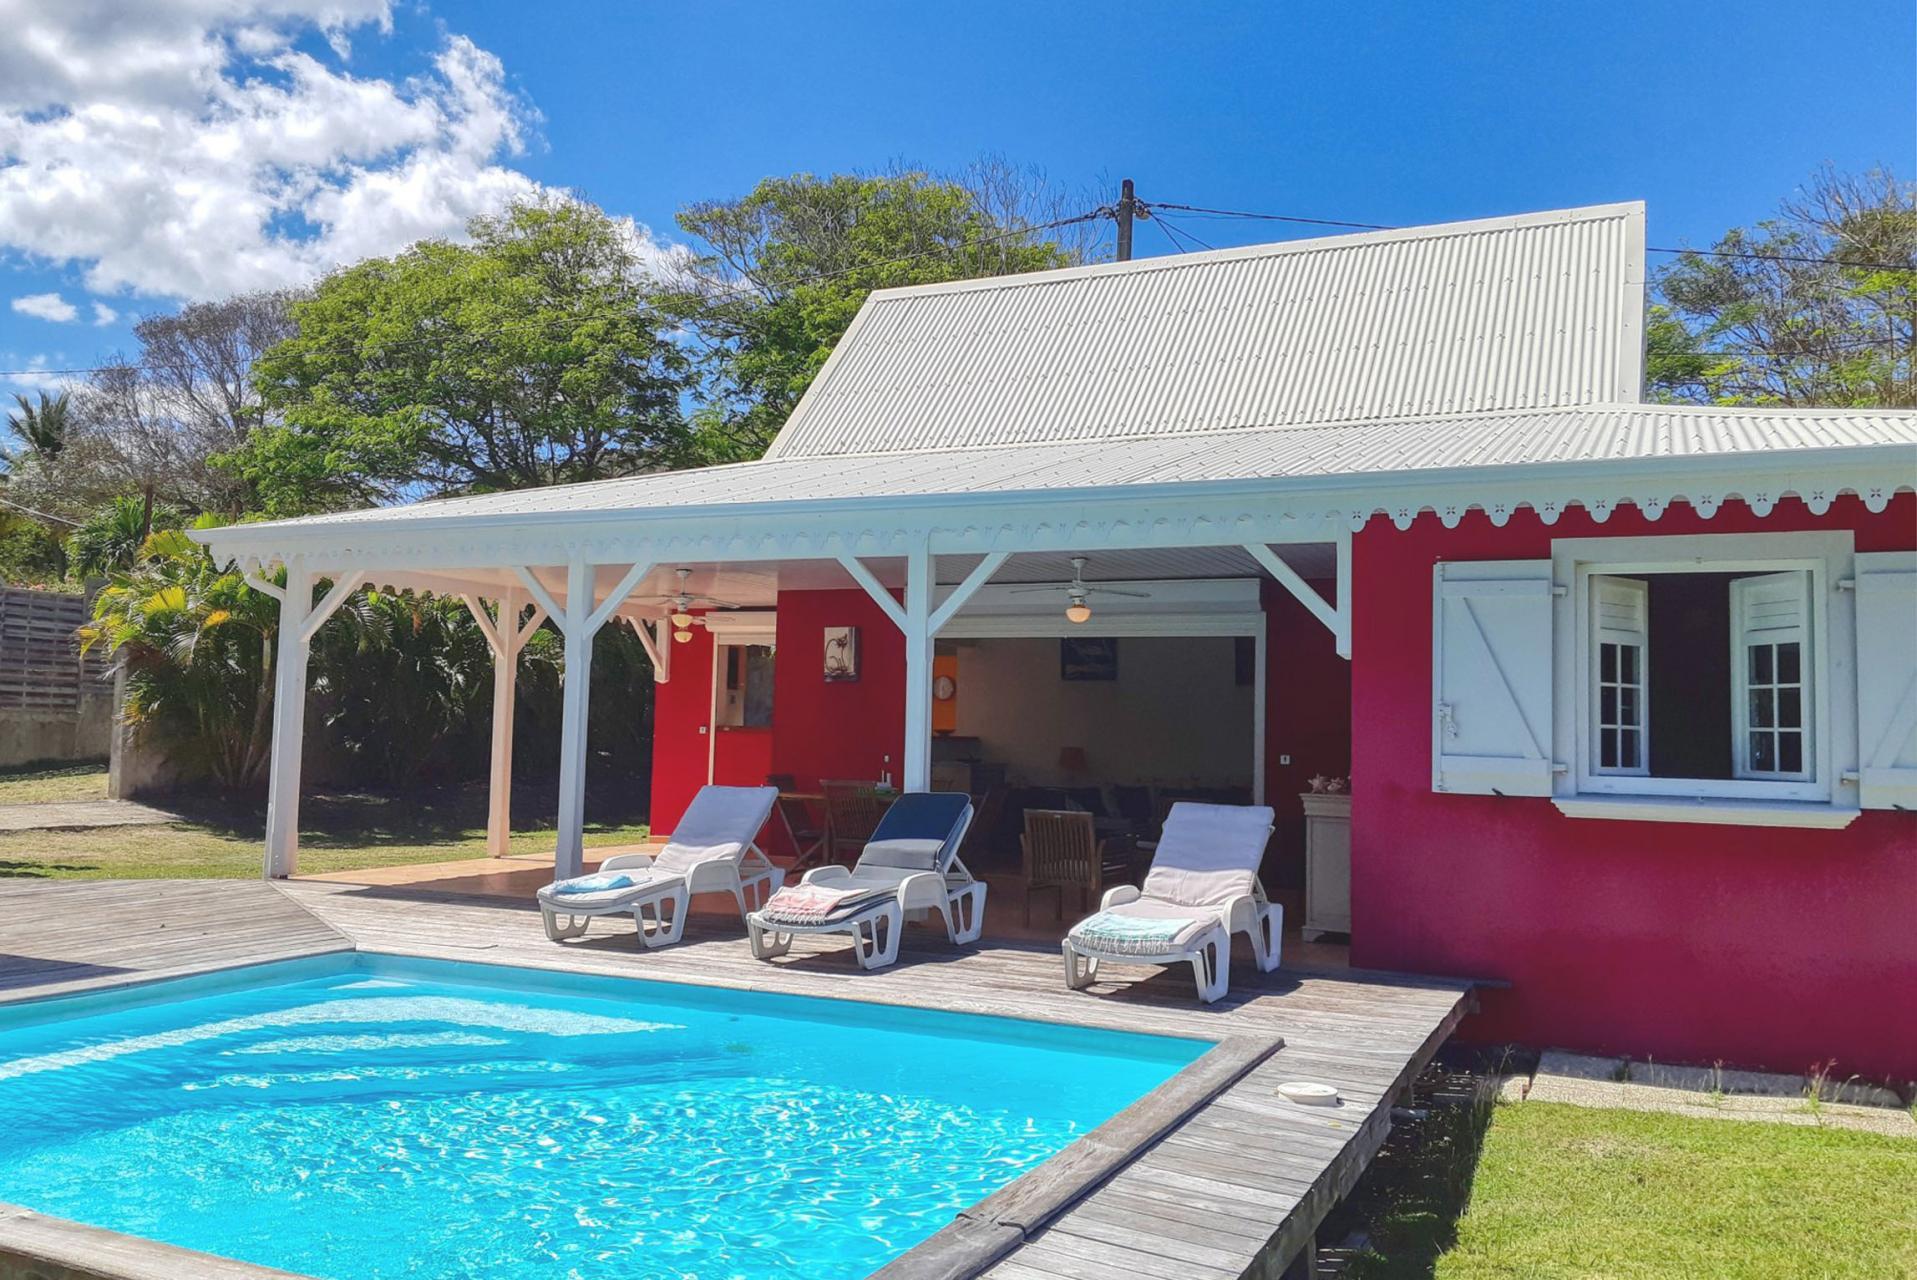 Location maison Martinique - Vue ensemble